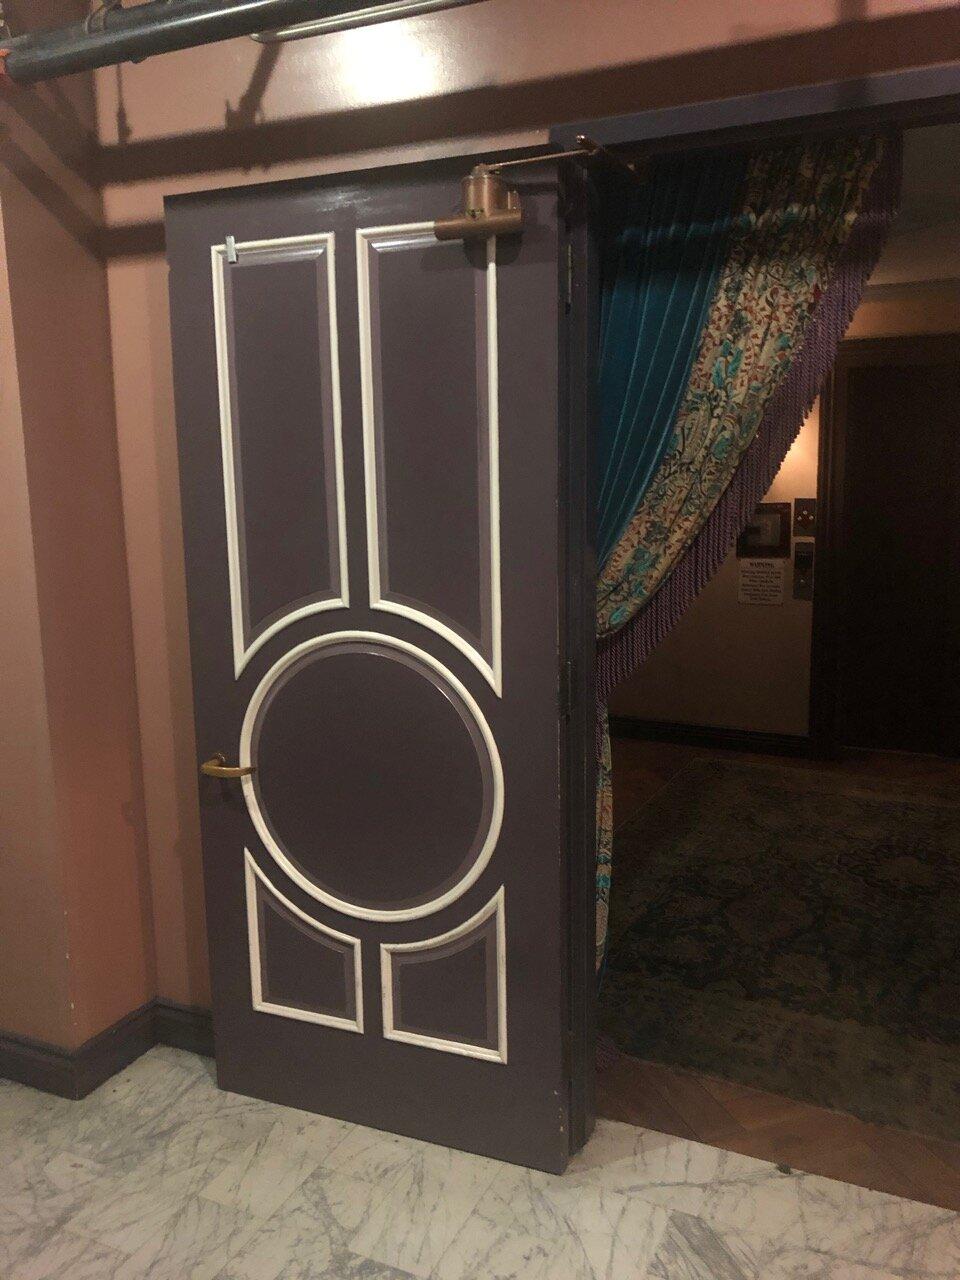 13th Fl Door to Perch Elevator